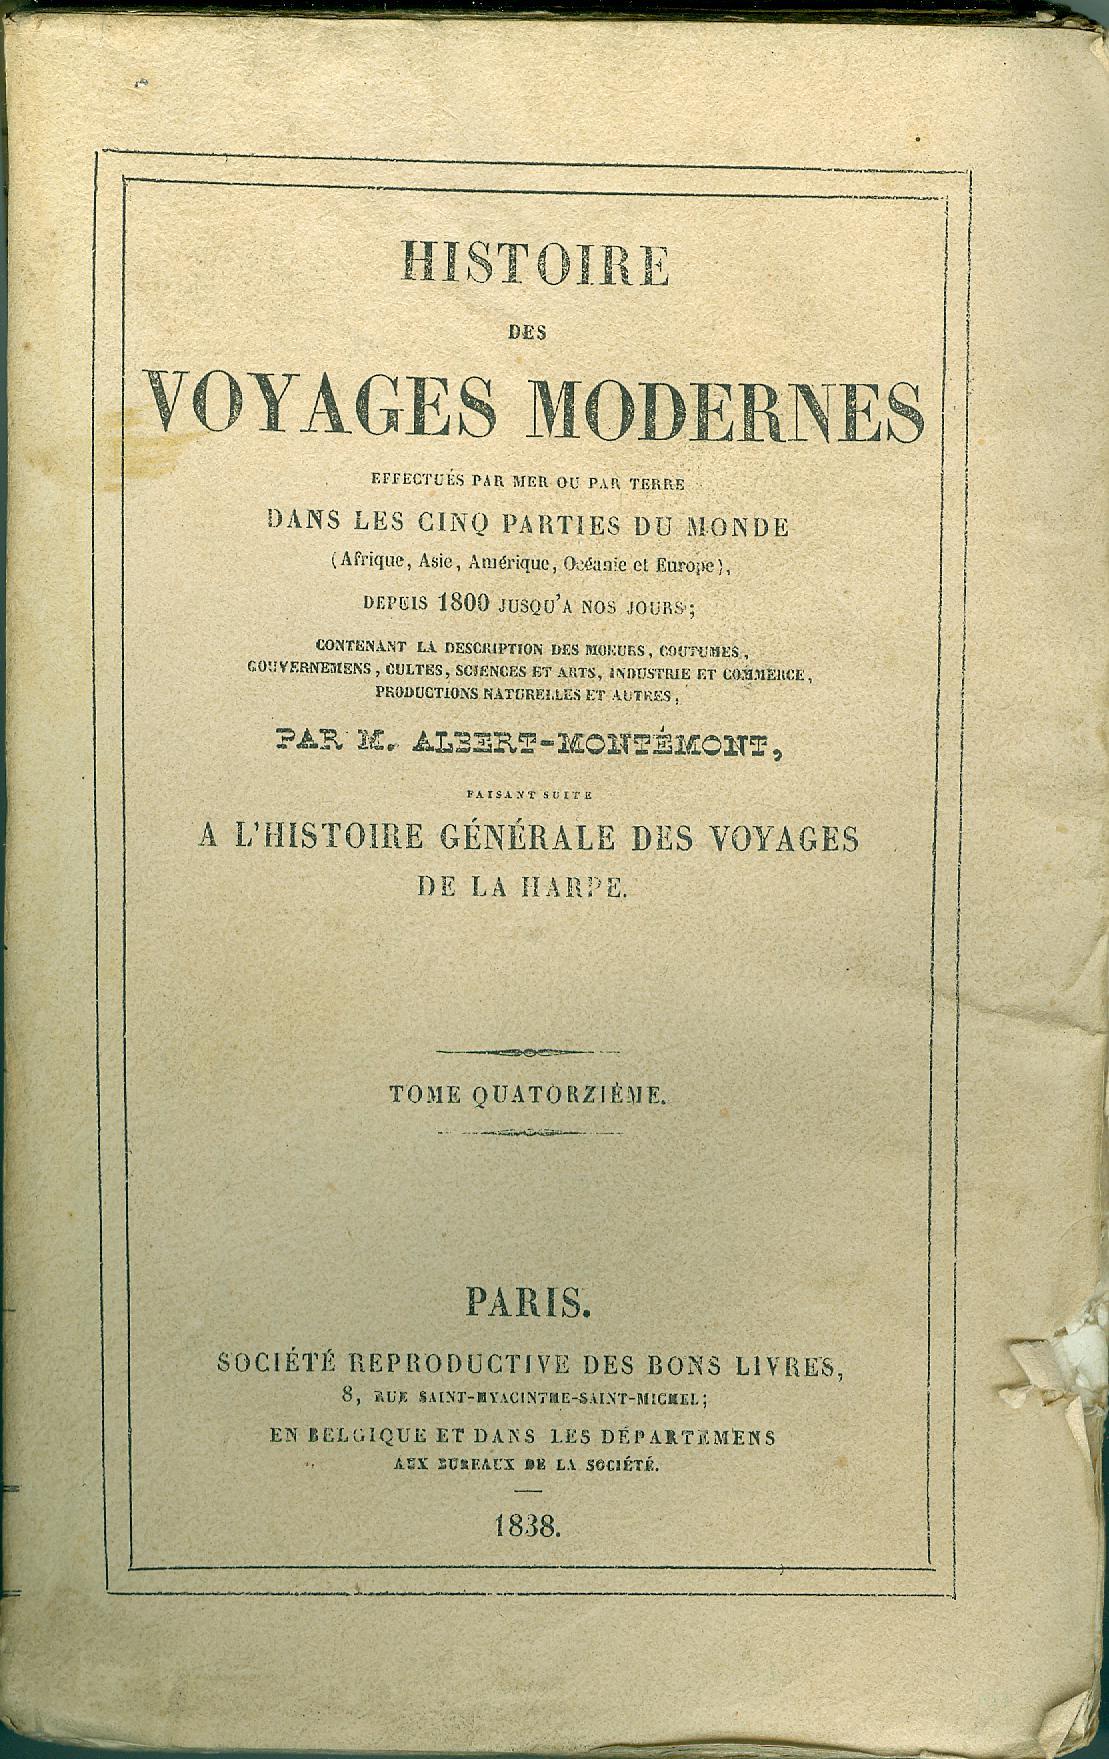 Histoire des voyages modernes effectués par mer ou par terre dans les cinq parties du monde. Depuis 1800 jusqu'à nos jours. Tome XIV